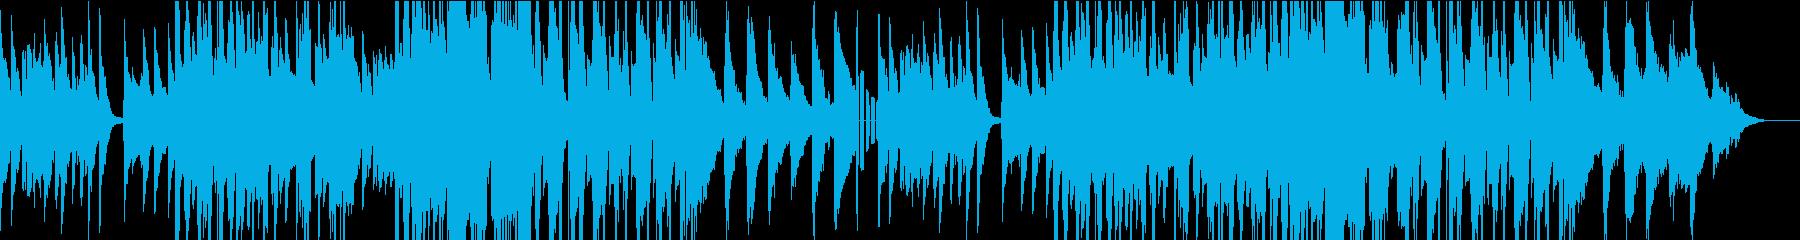 リラックスできるピアノのBGMの再生済みの波形